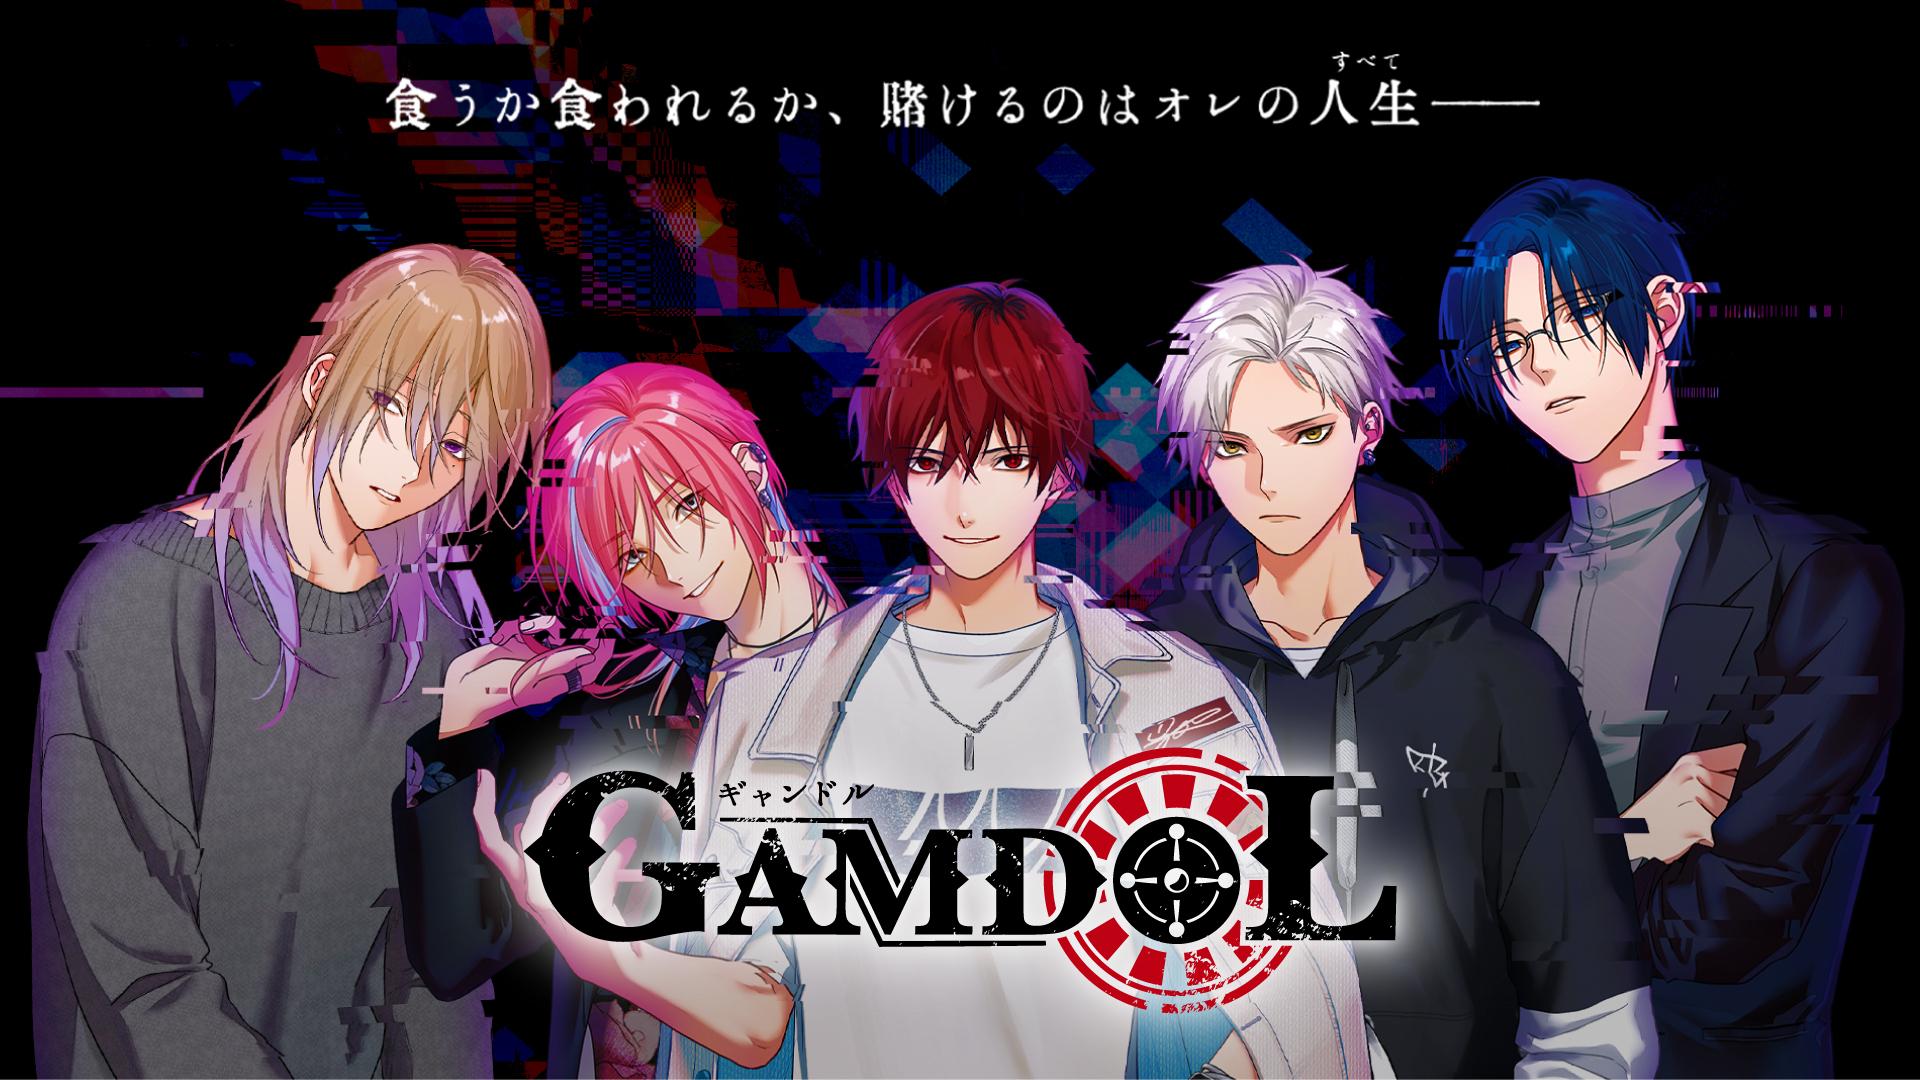 「アイドル×ギャンブル」がコンセプトの新プロジェクト「ギャンドル」始動!